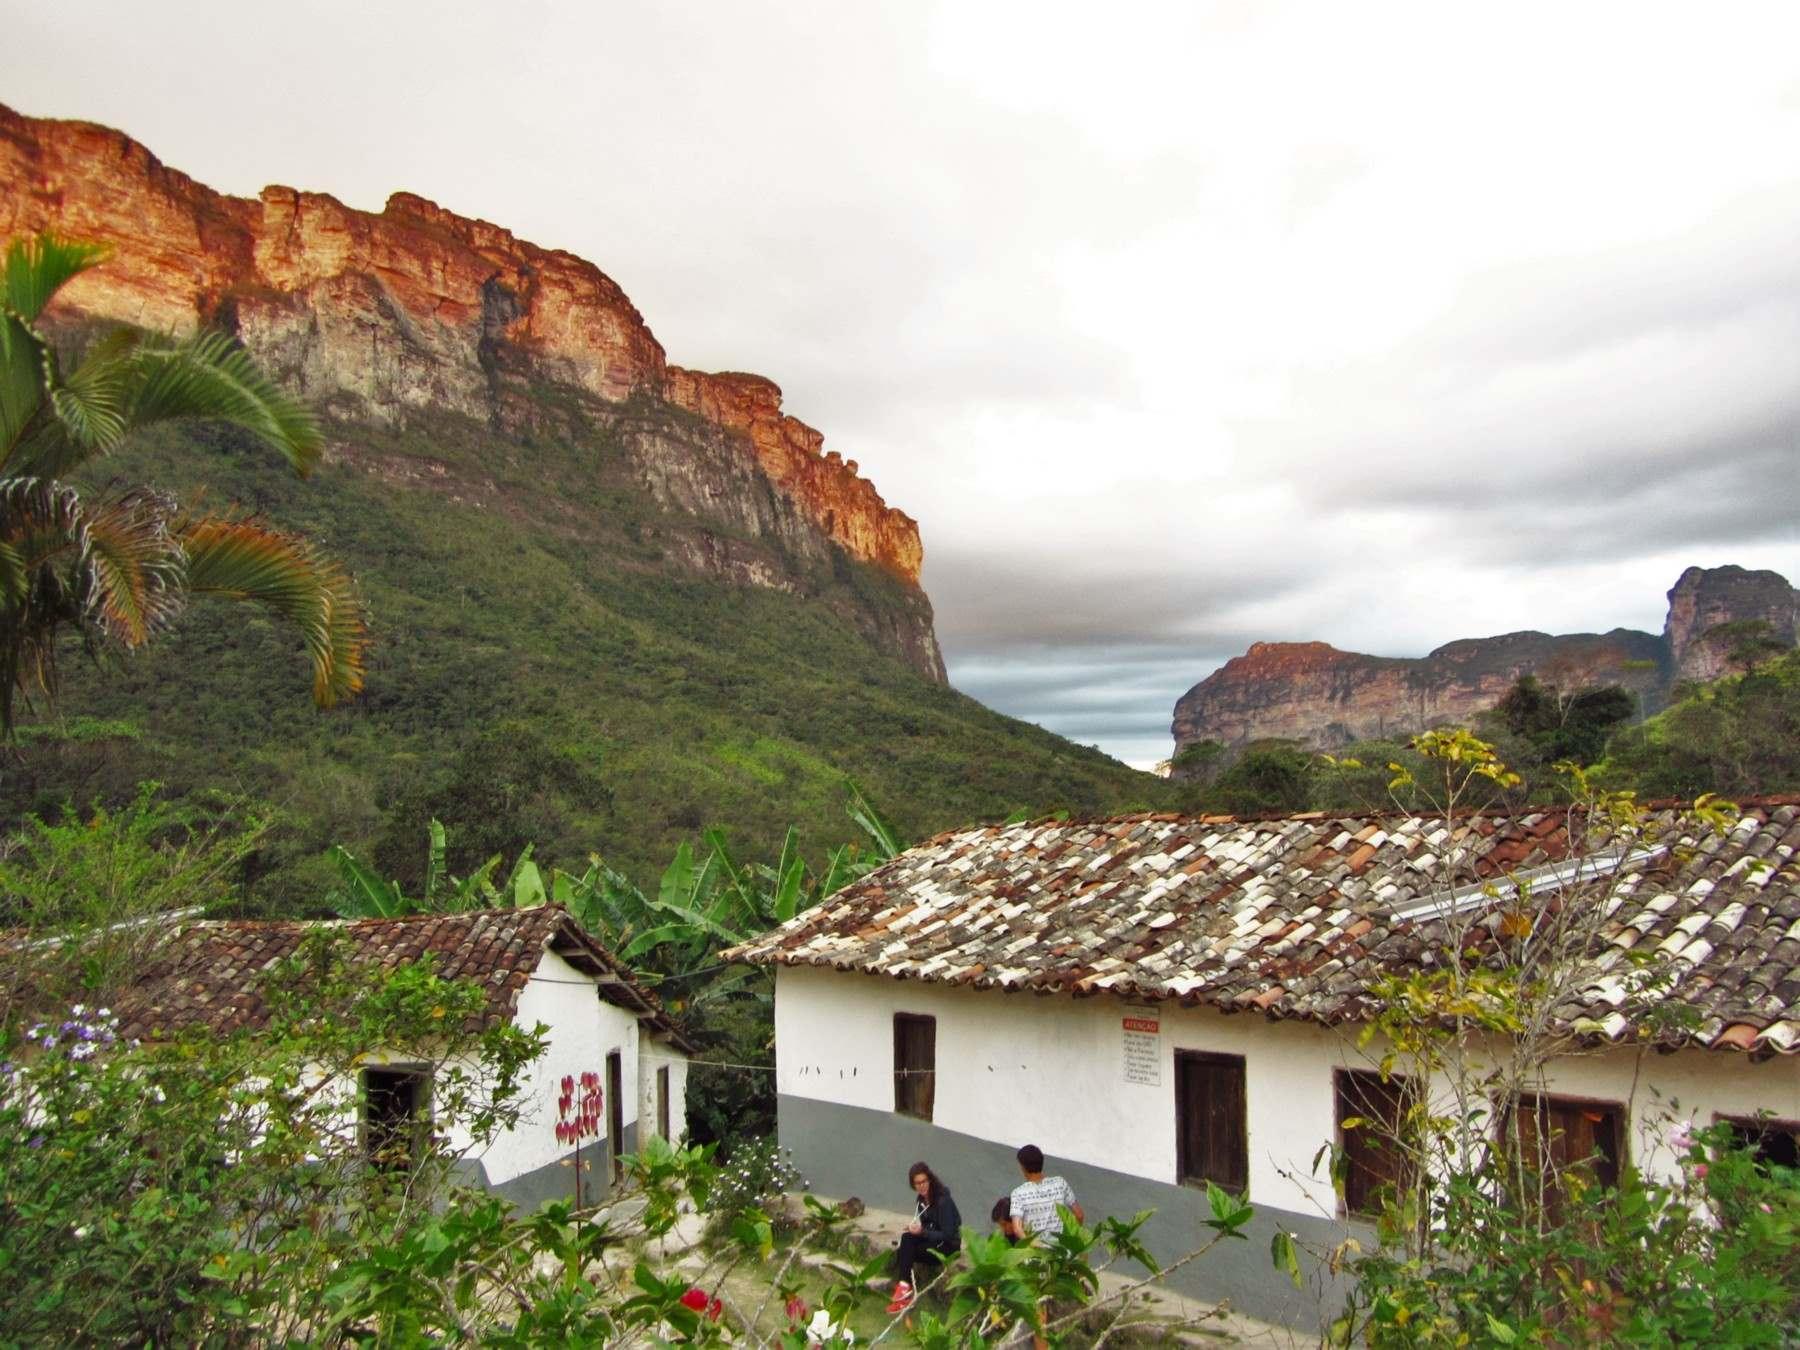 Casas nativos Vale do Pati (4)_low